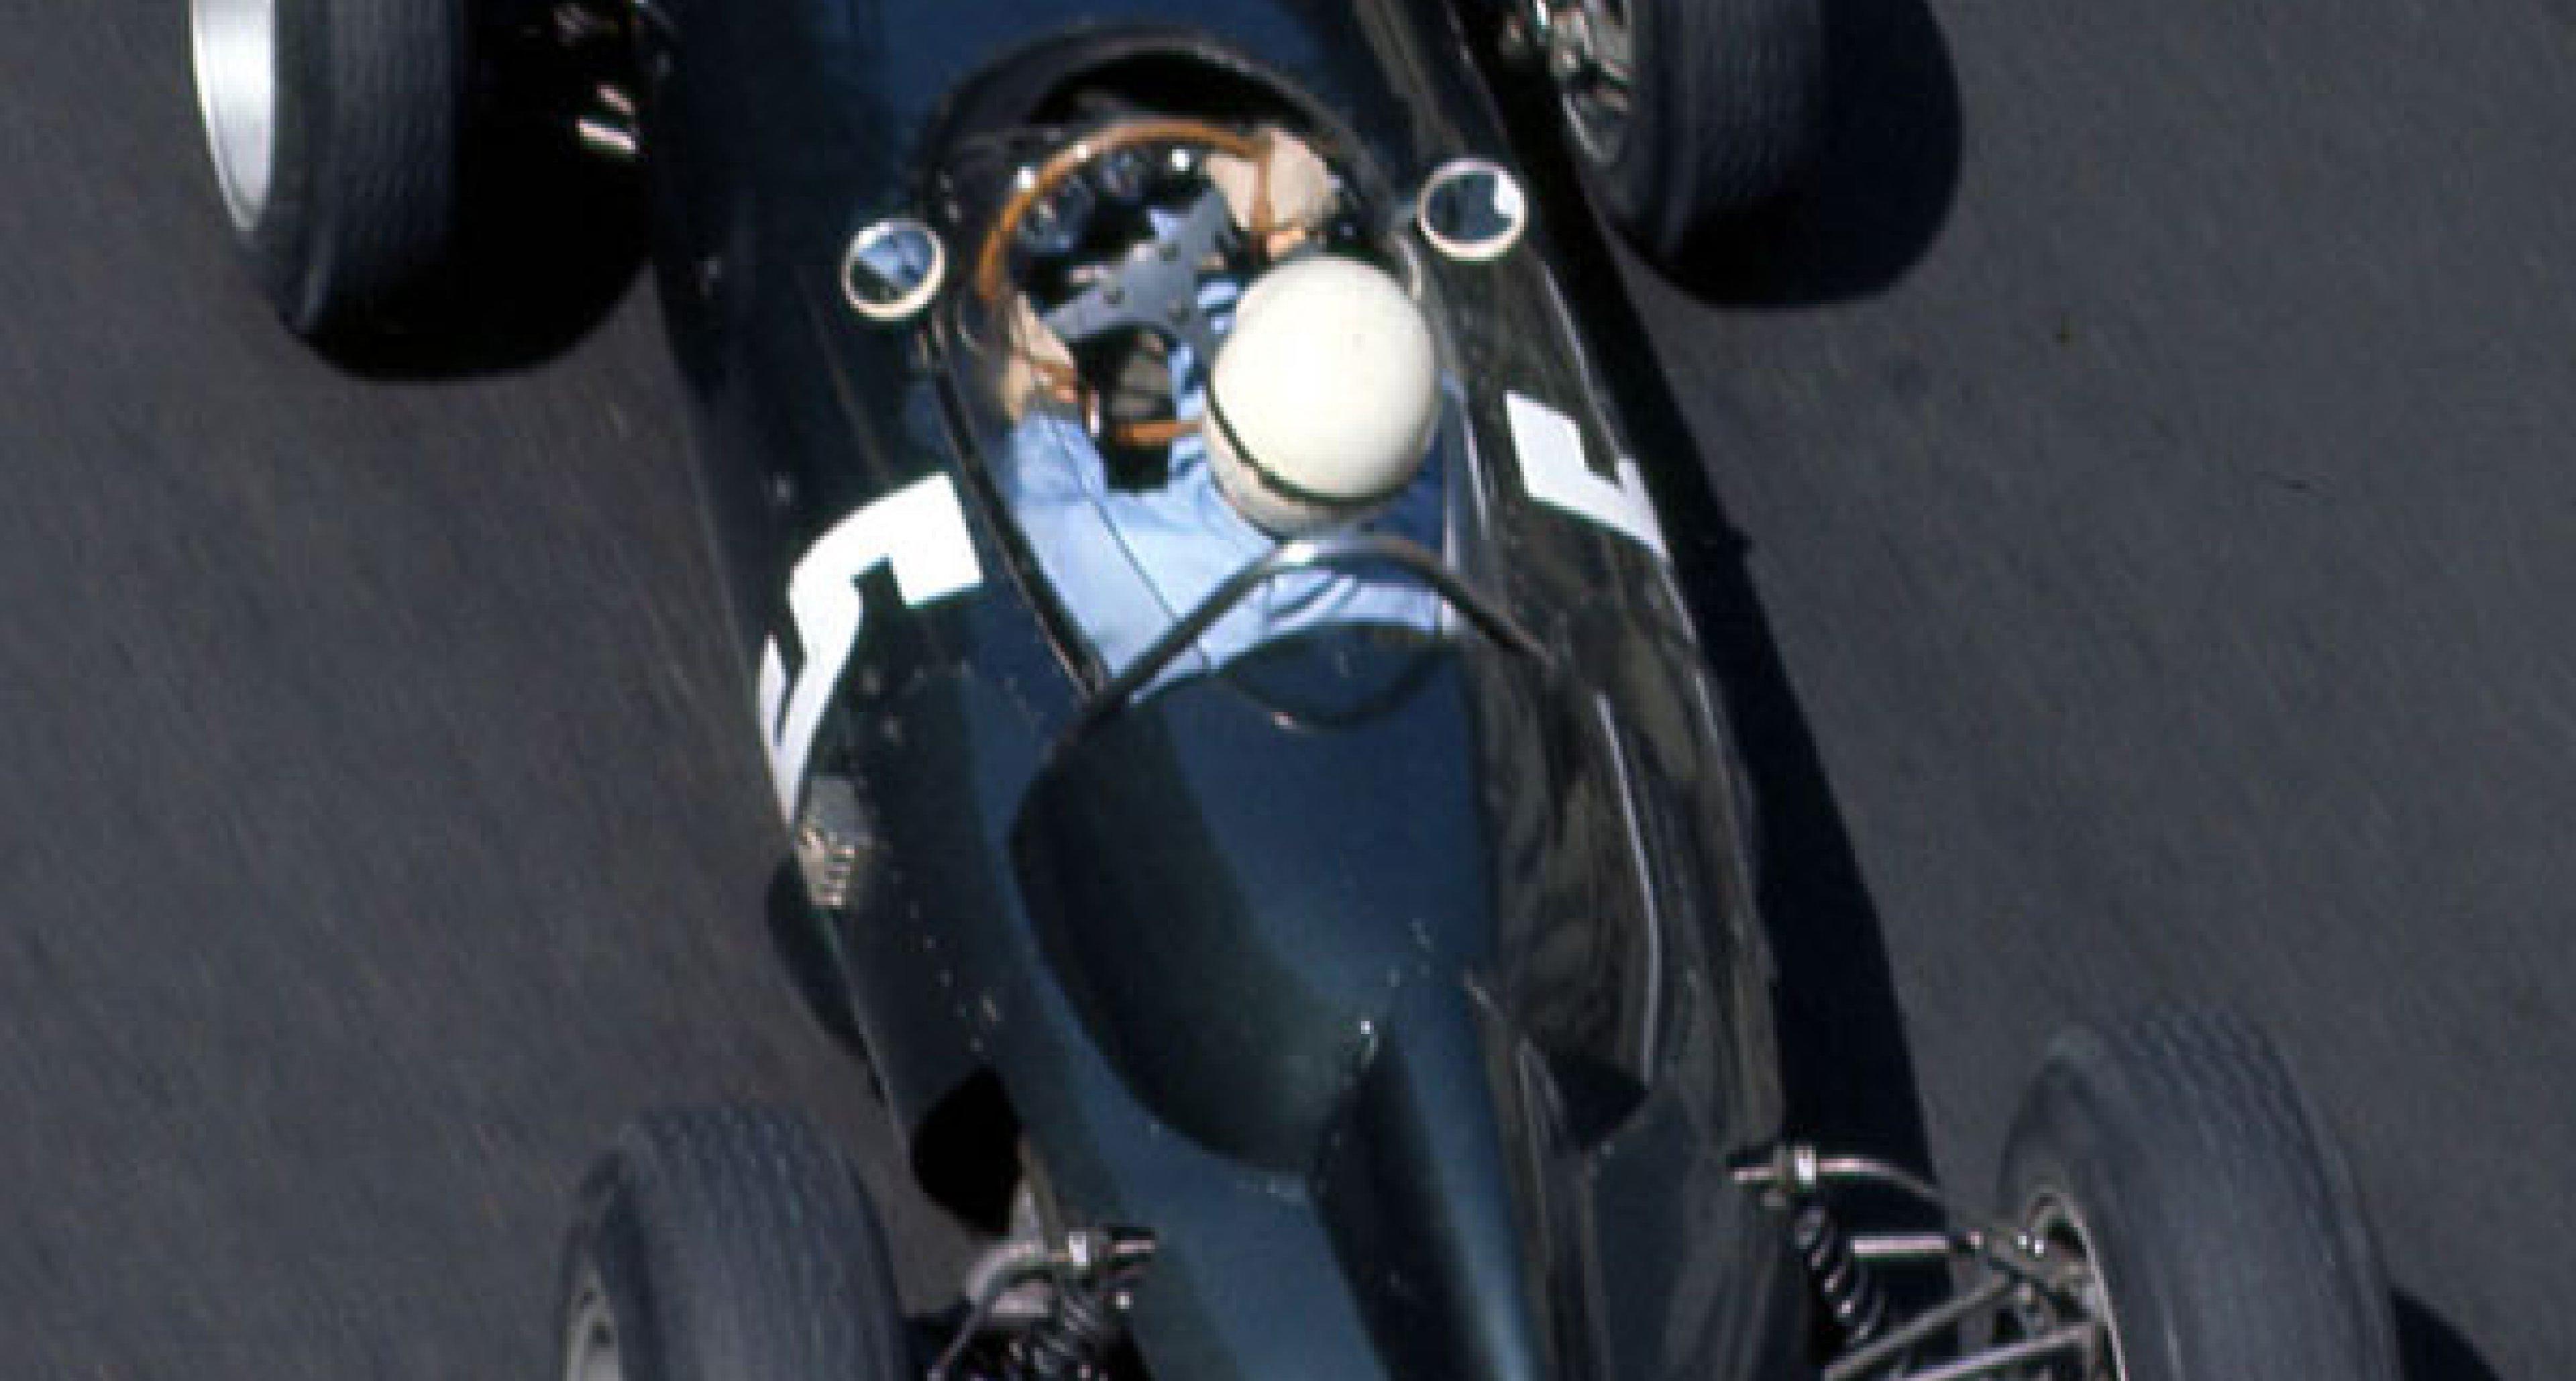 Bonhams at Monaco 15th May 2004 - Preview